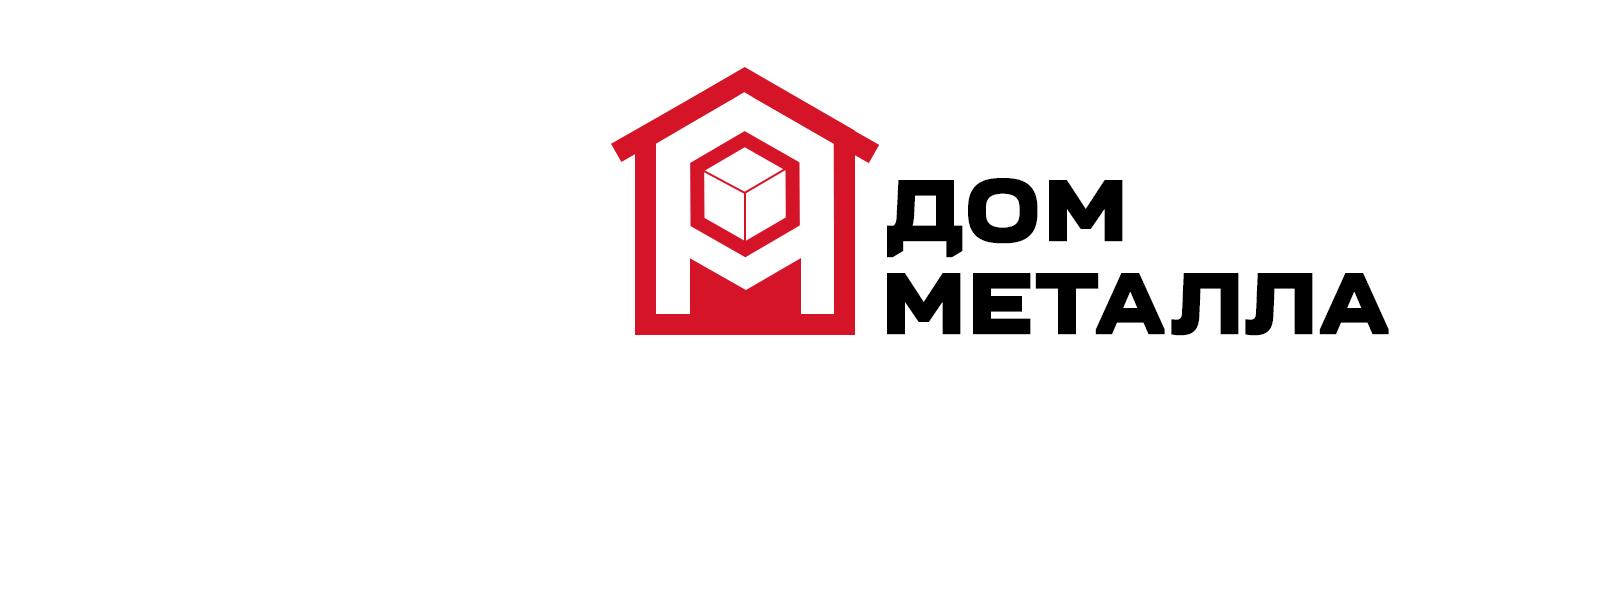 Разработка логотипа фото f_3145c5a592b95099.jpg